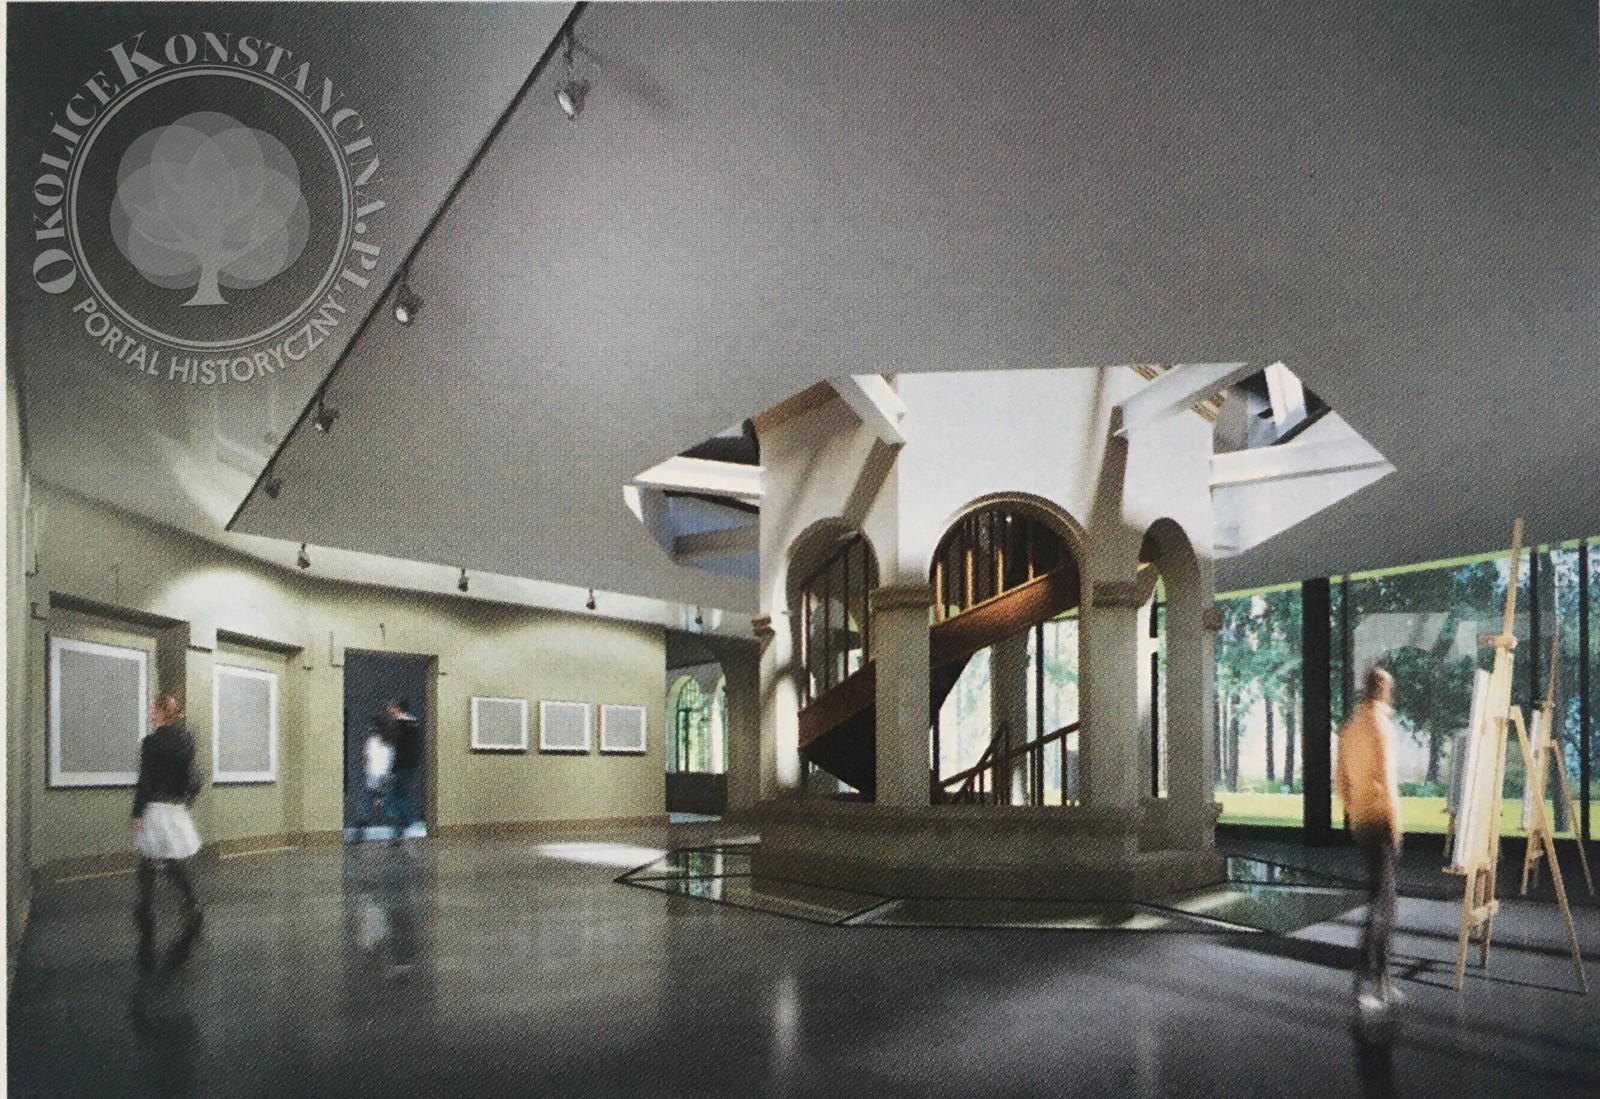 Wizualizacja galerii w nowej przestrzeni budynku (2020 r.)